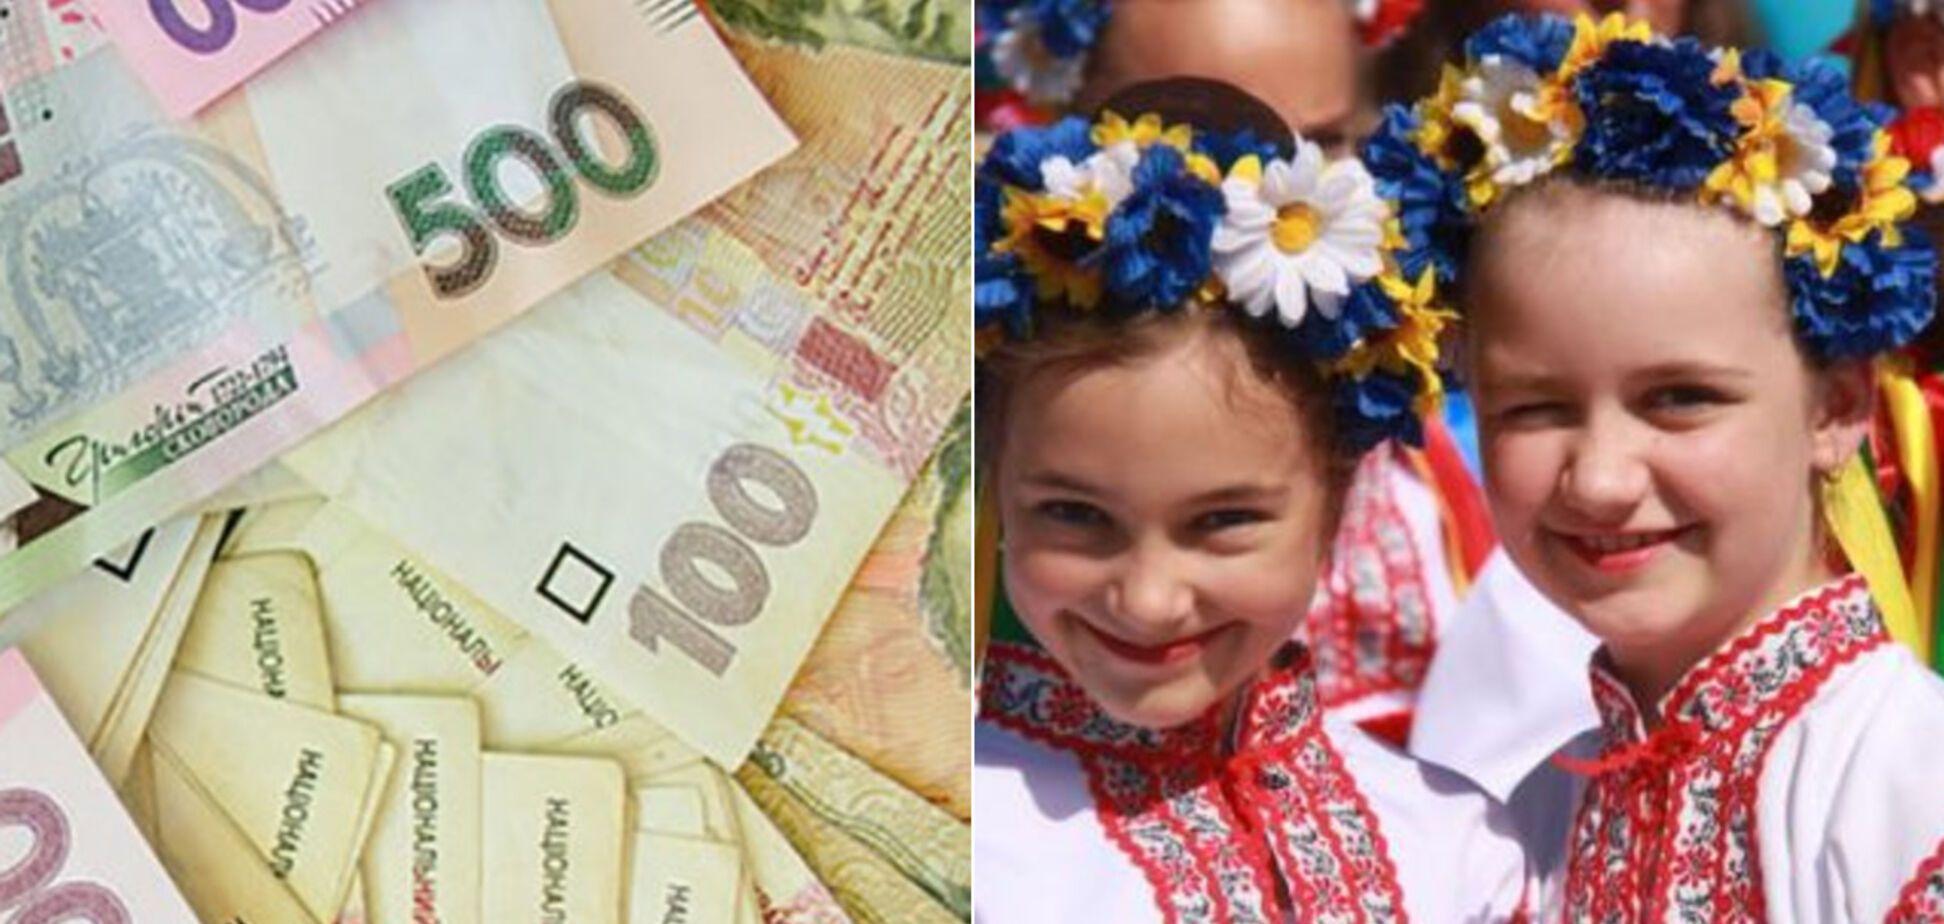 Украинцам обещают выдавать по 50 тыс. грн депозита на новорожденных: кто и как может получить